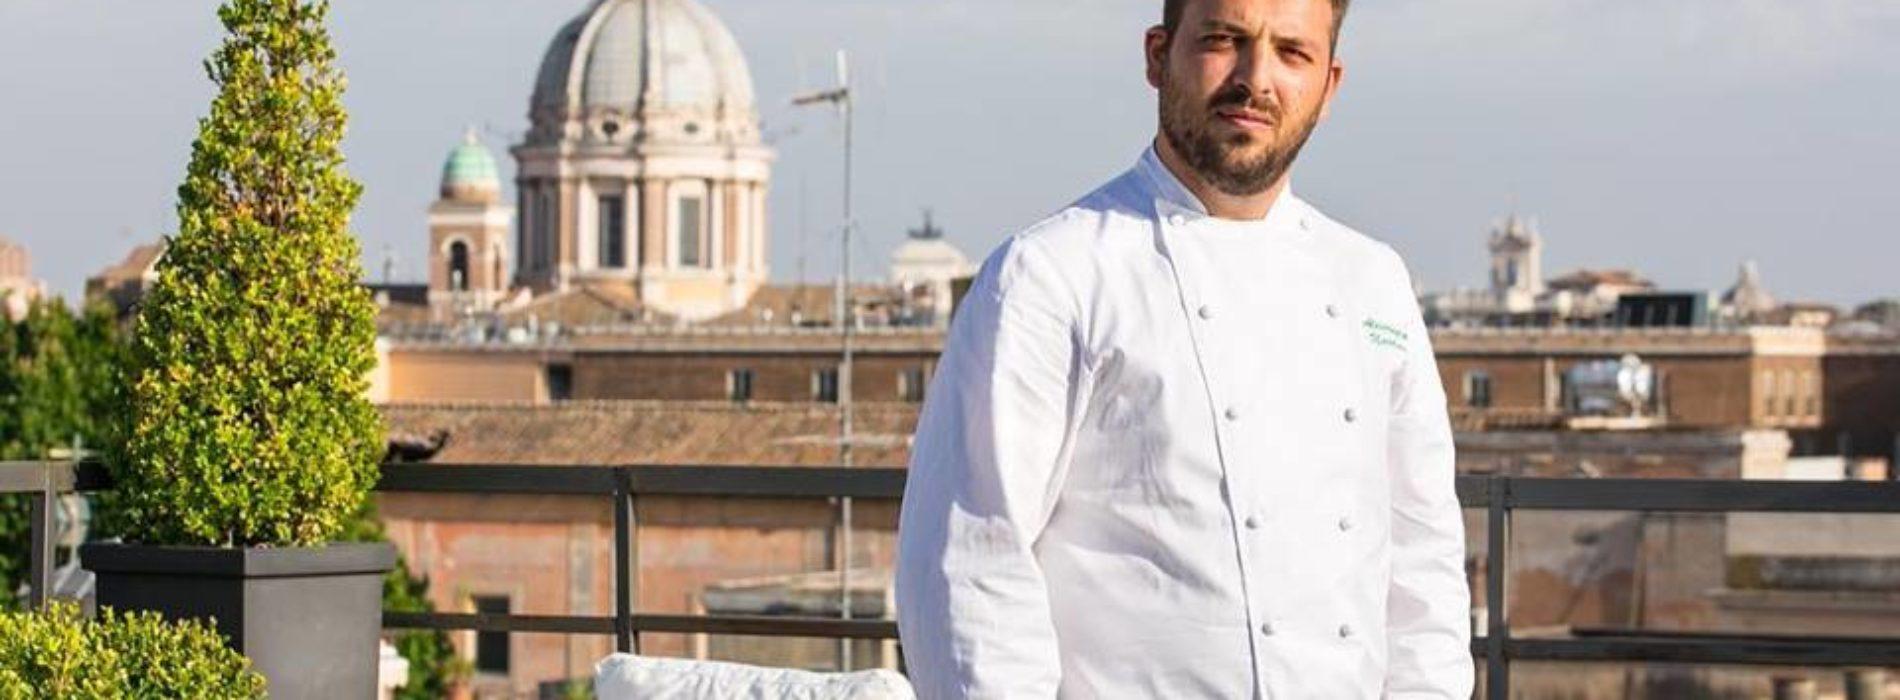 """Angelo Troiani al timone di Acquolina, dopo la scomparsa di Narducci: """"Avanti, con il nuovo menu di Alessandro"""""""